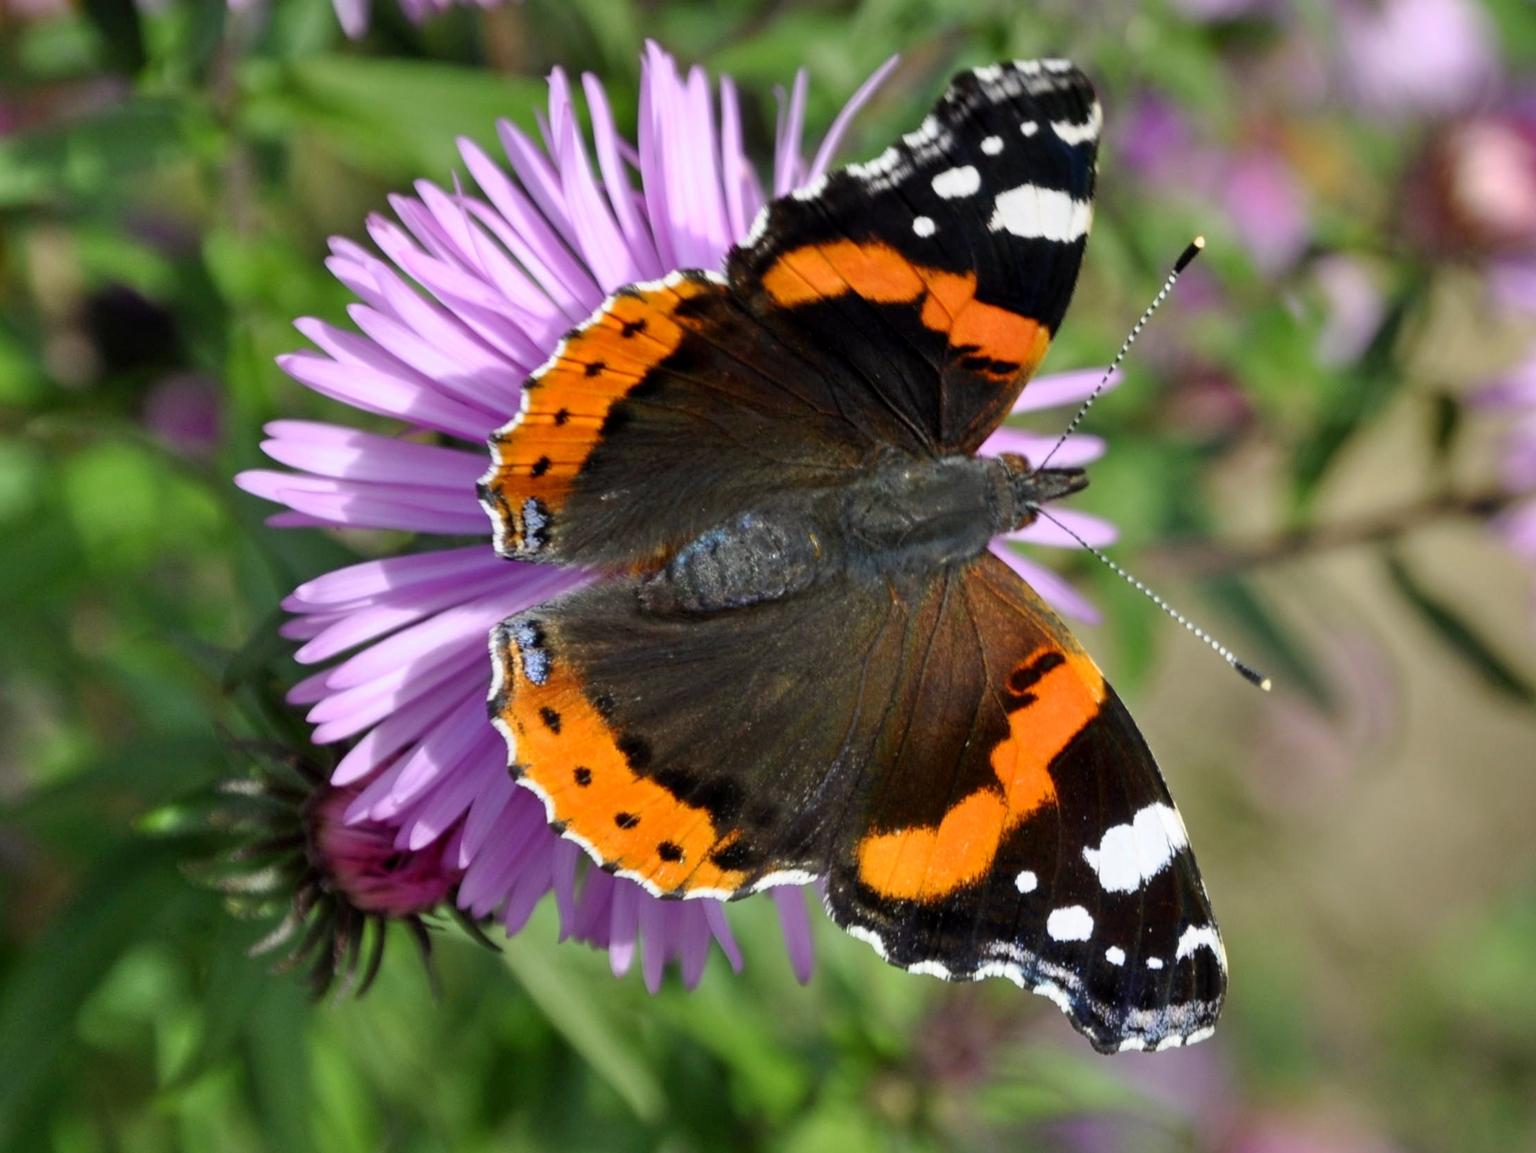 Vlinder - Atalanta - foto door mploeg-2701 op 16-04-2021 - locatie: Nieuwerkerk aan den IJssel, Nederland - deze foto bevat: bloem, bestuiver, fabriek, insect, vlinder, geleedpotigen, kleine schildpad, motten en vlinders, bloemblaadje, vanessa (vlinder)